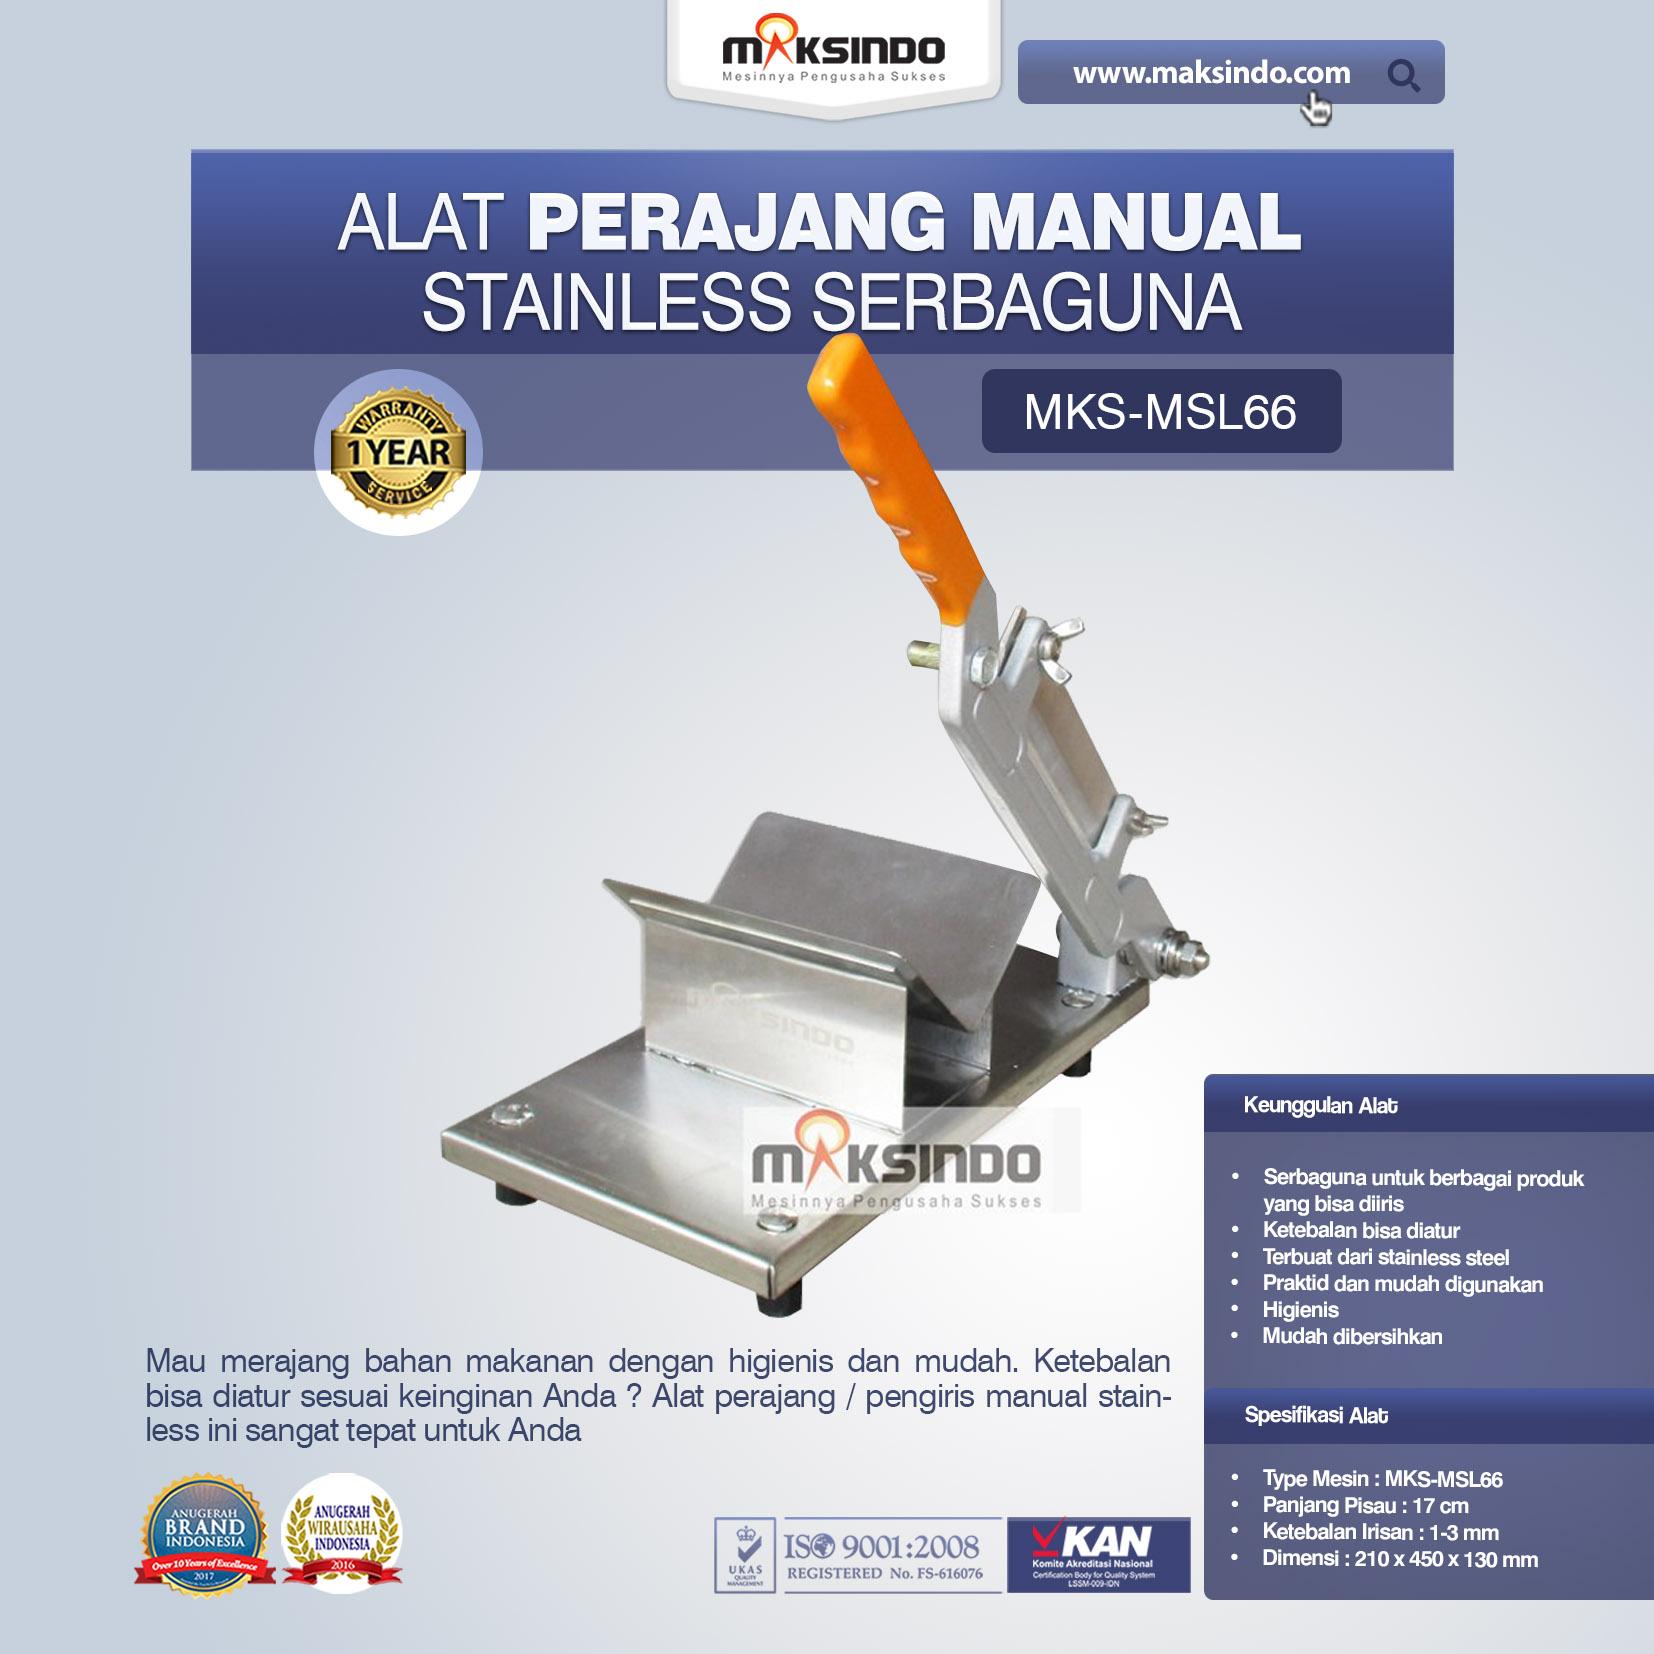 Jual Alat Perajang Manual Stainless Serbaguna di Tangerang